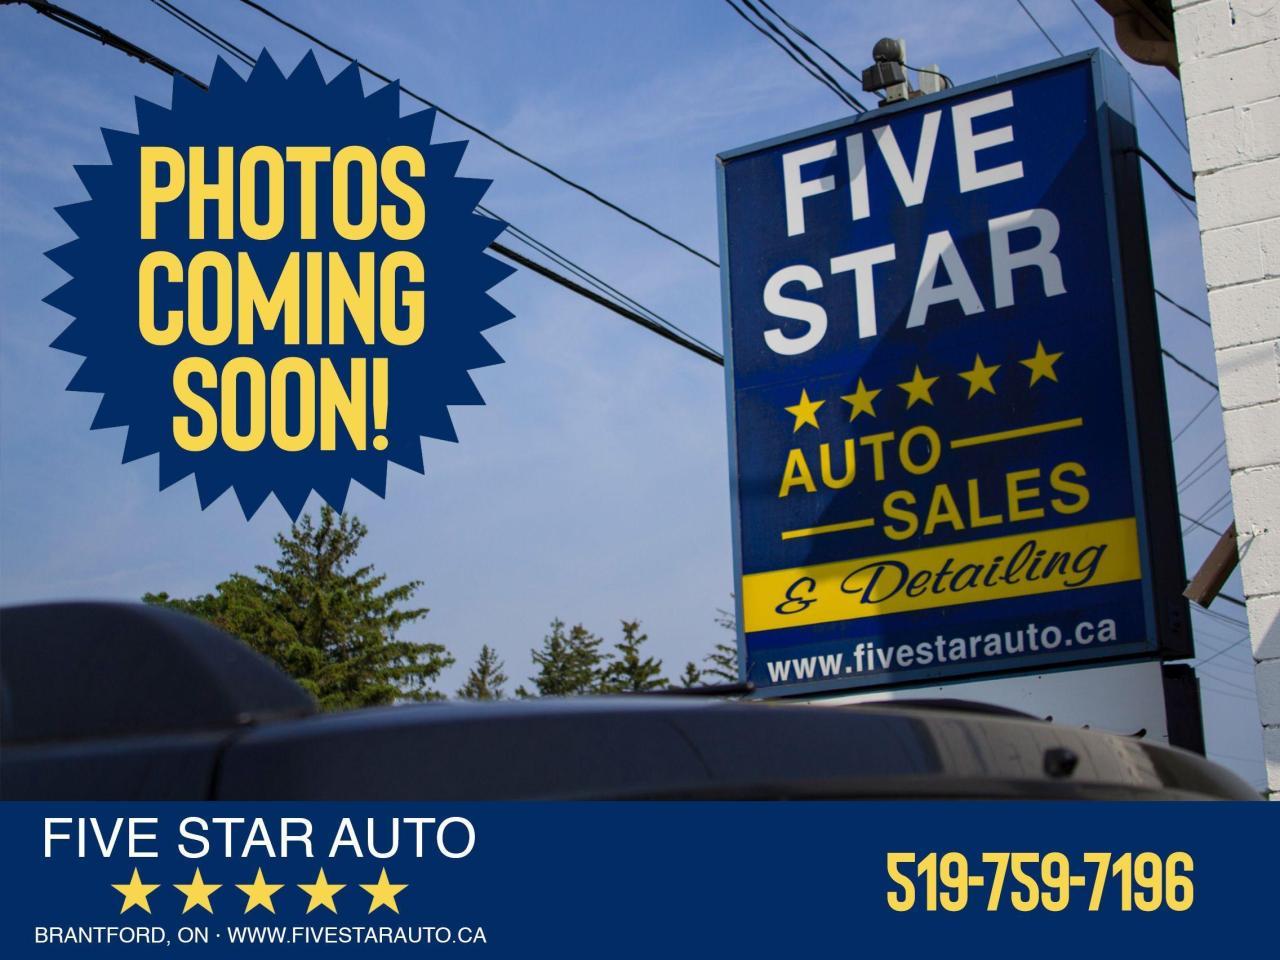 2007 Dodge Nitro 4X4 SLT *One Owner* Certified w/ 6 Month Warranty